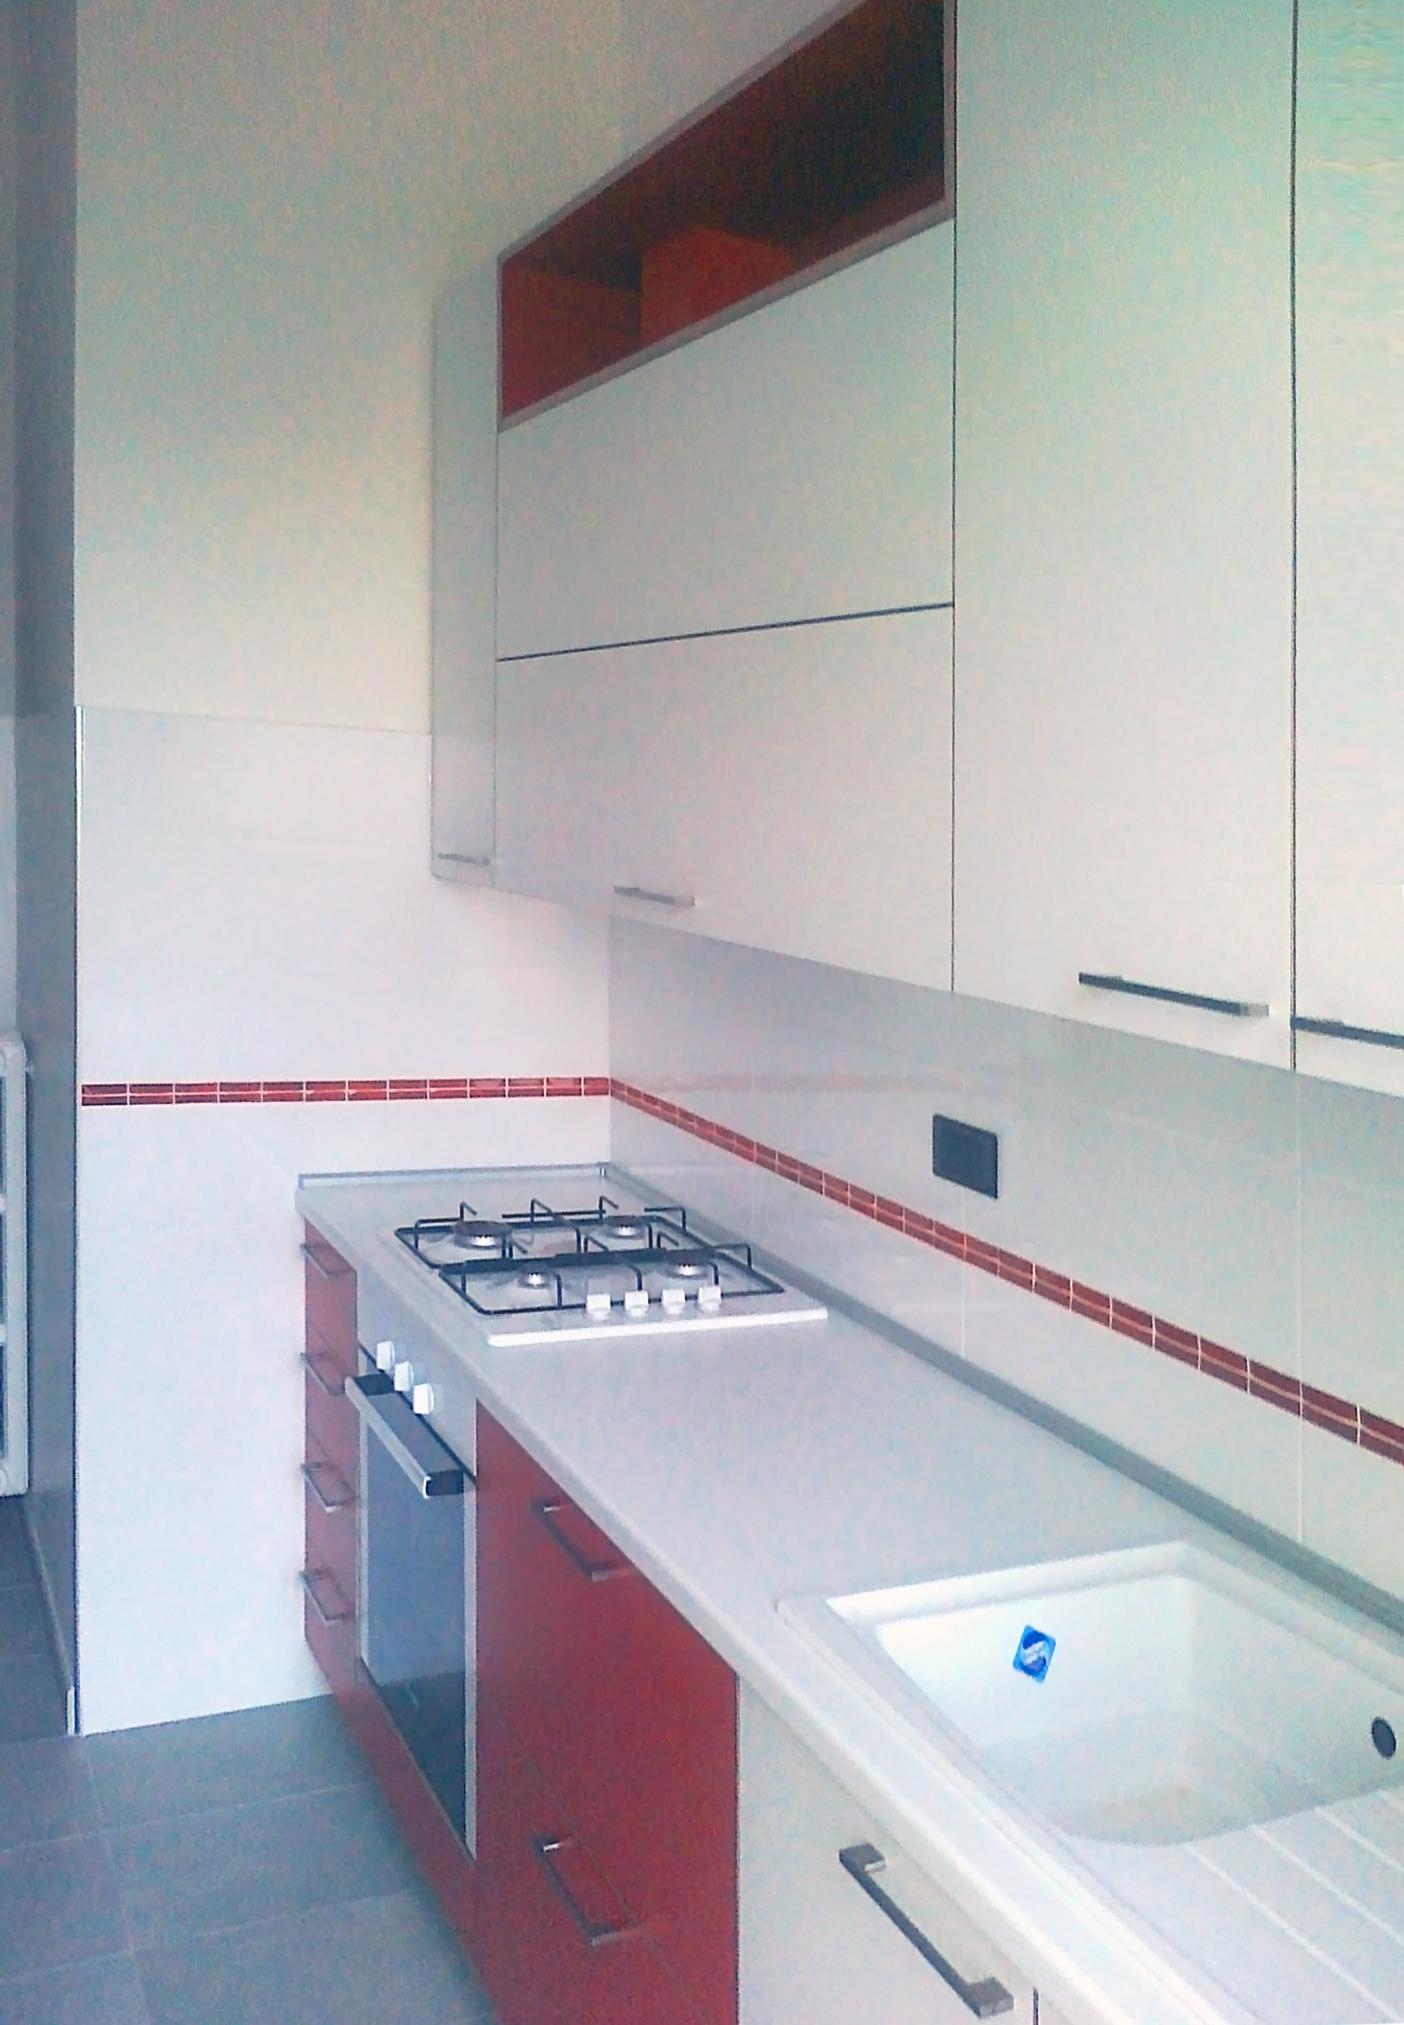 Mobili lavelli cucina piccola su misura - Lavelli cucina piccole dimensioni ...